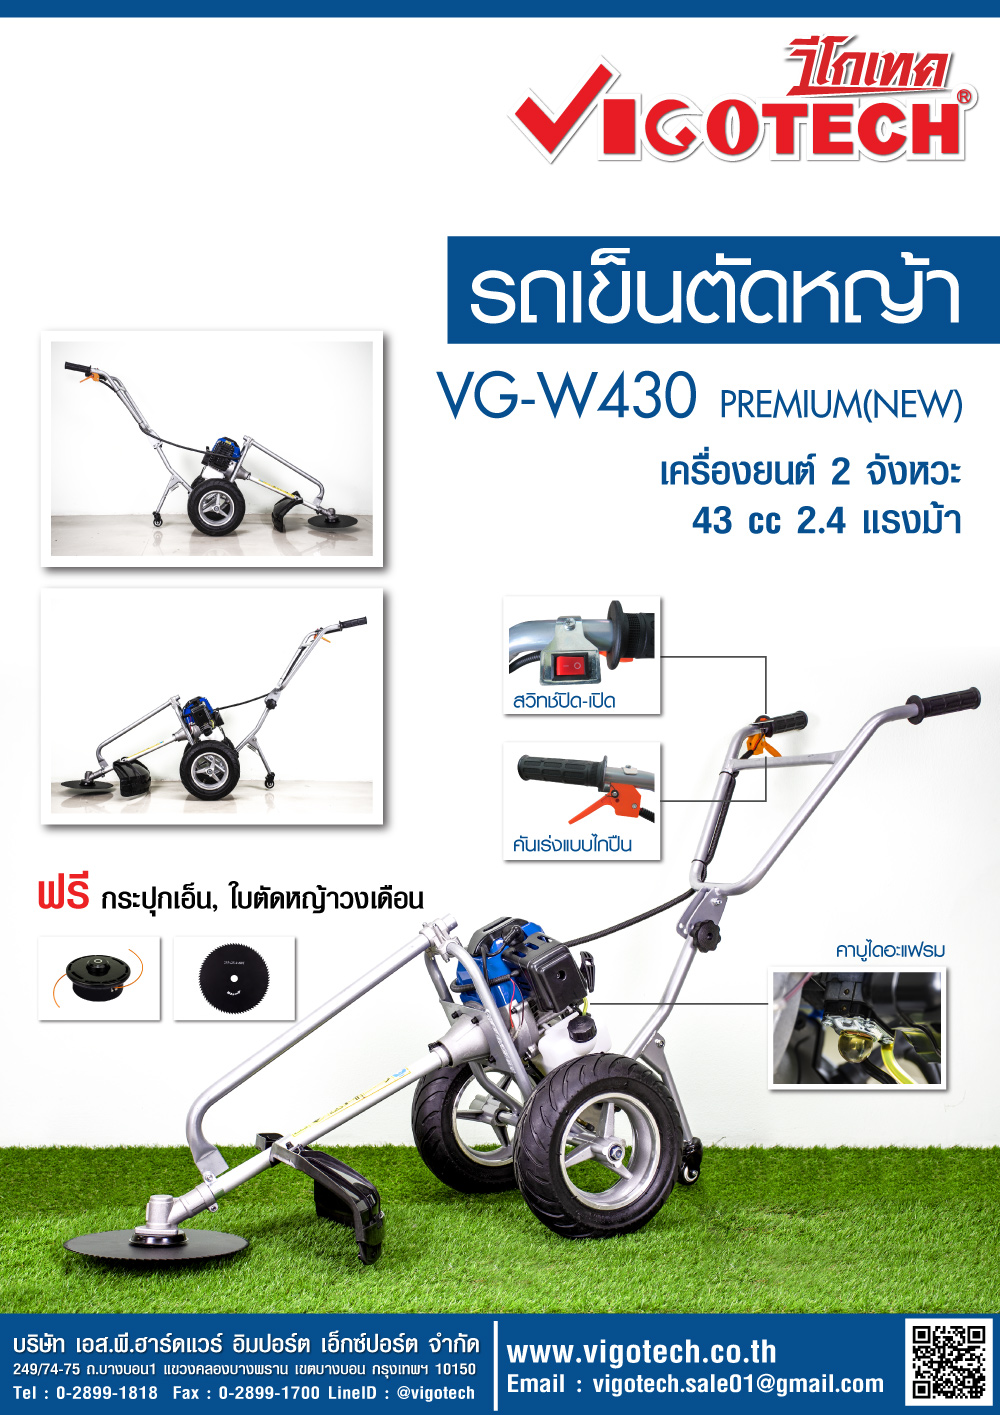 โบวชัวร์-เครื่องตัดหญ้ารถเข็น-VG-W430-NEW